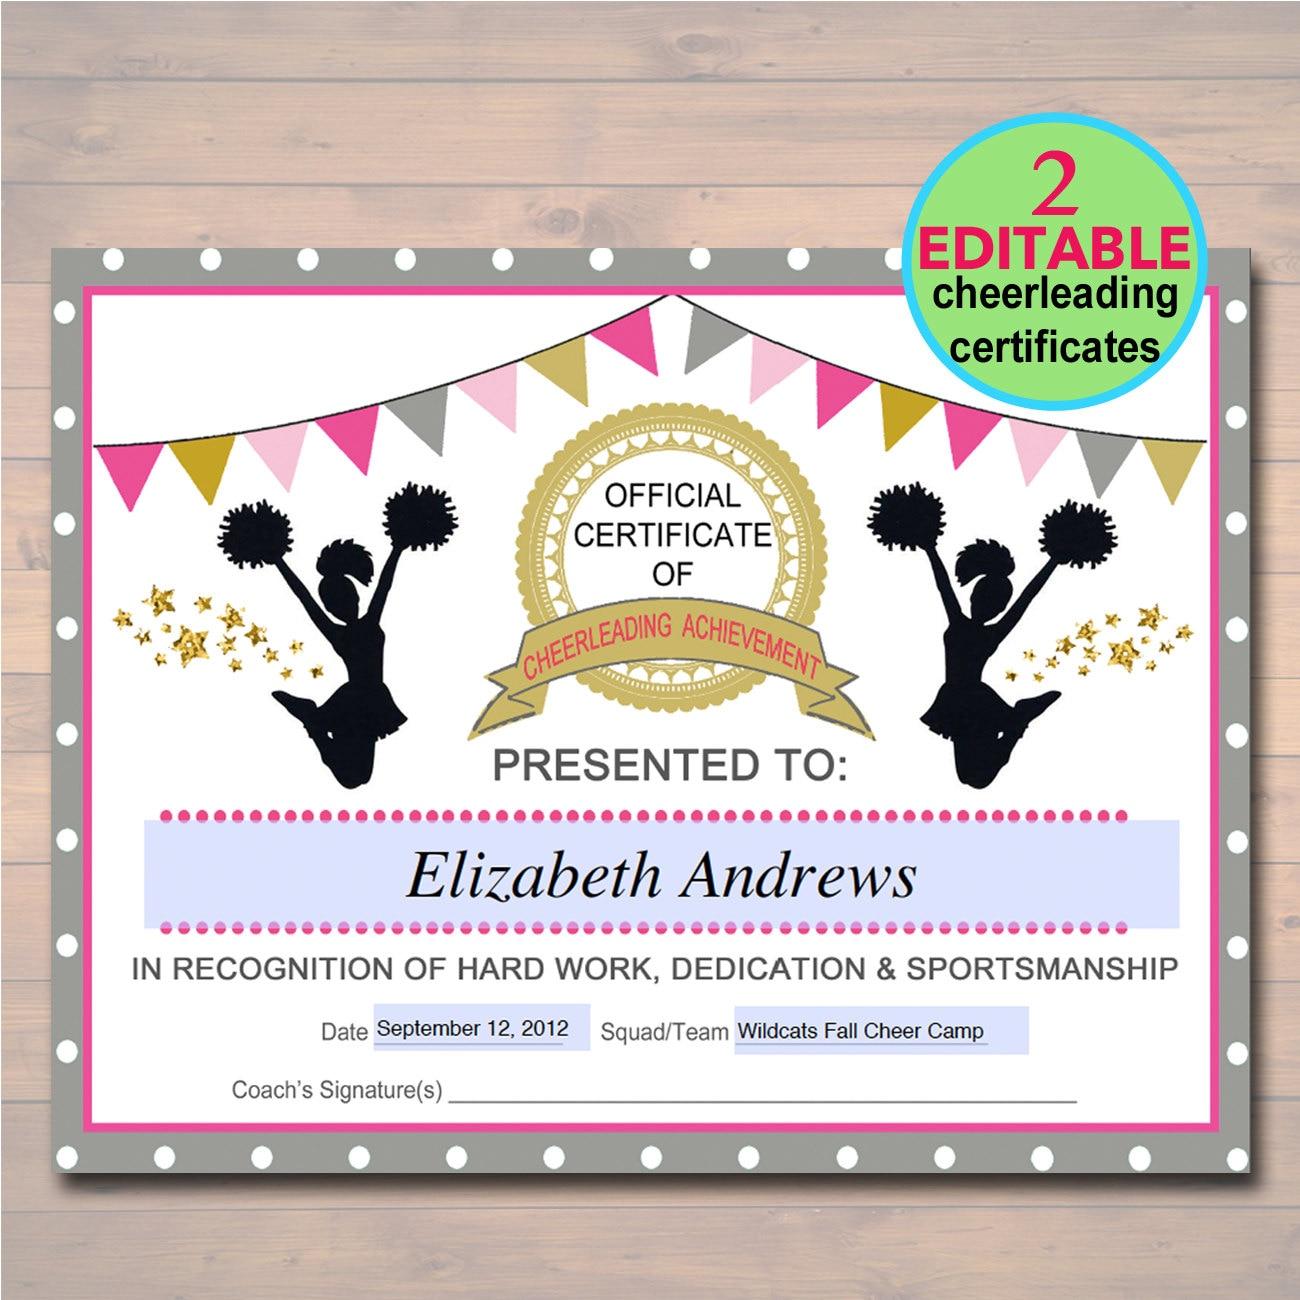 Editable cheerleader certificate instant download zoom xflitez Gallery